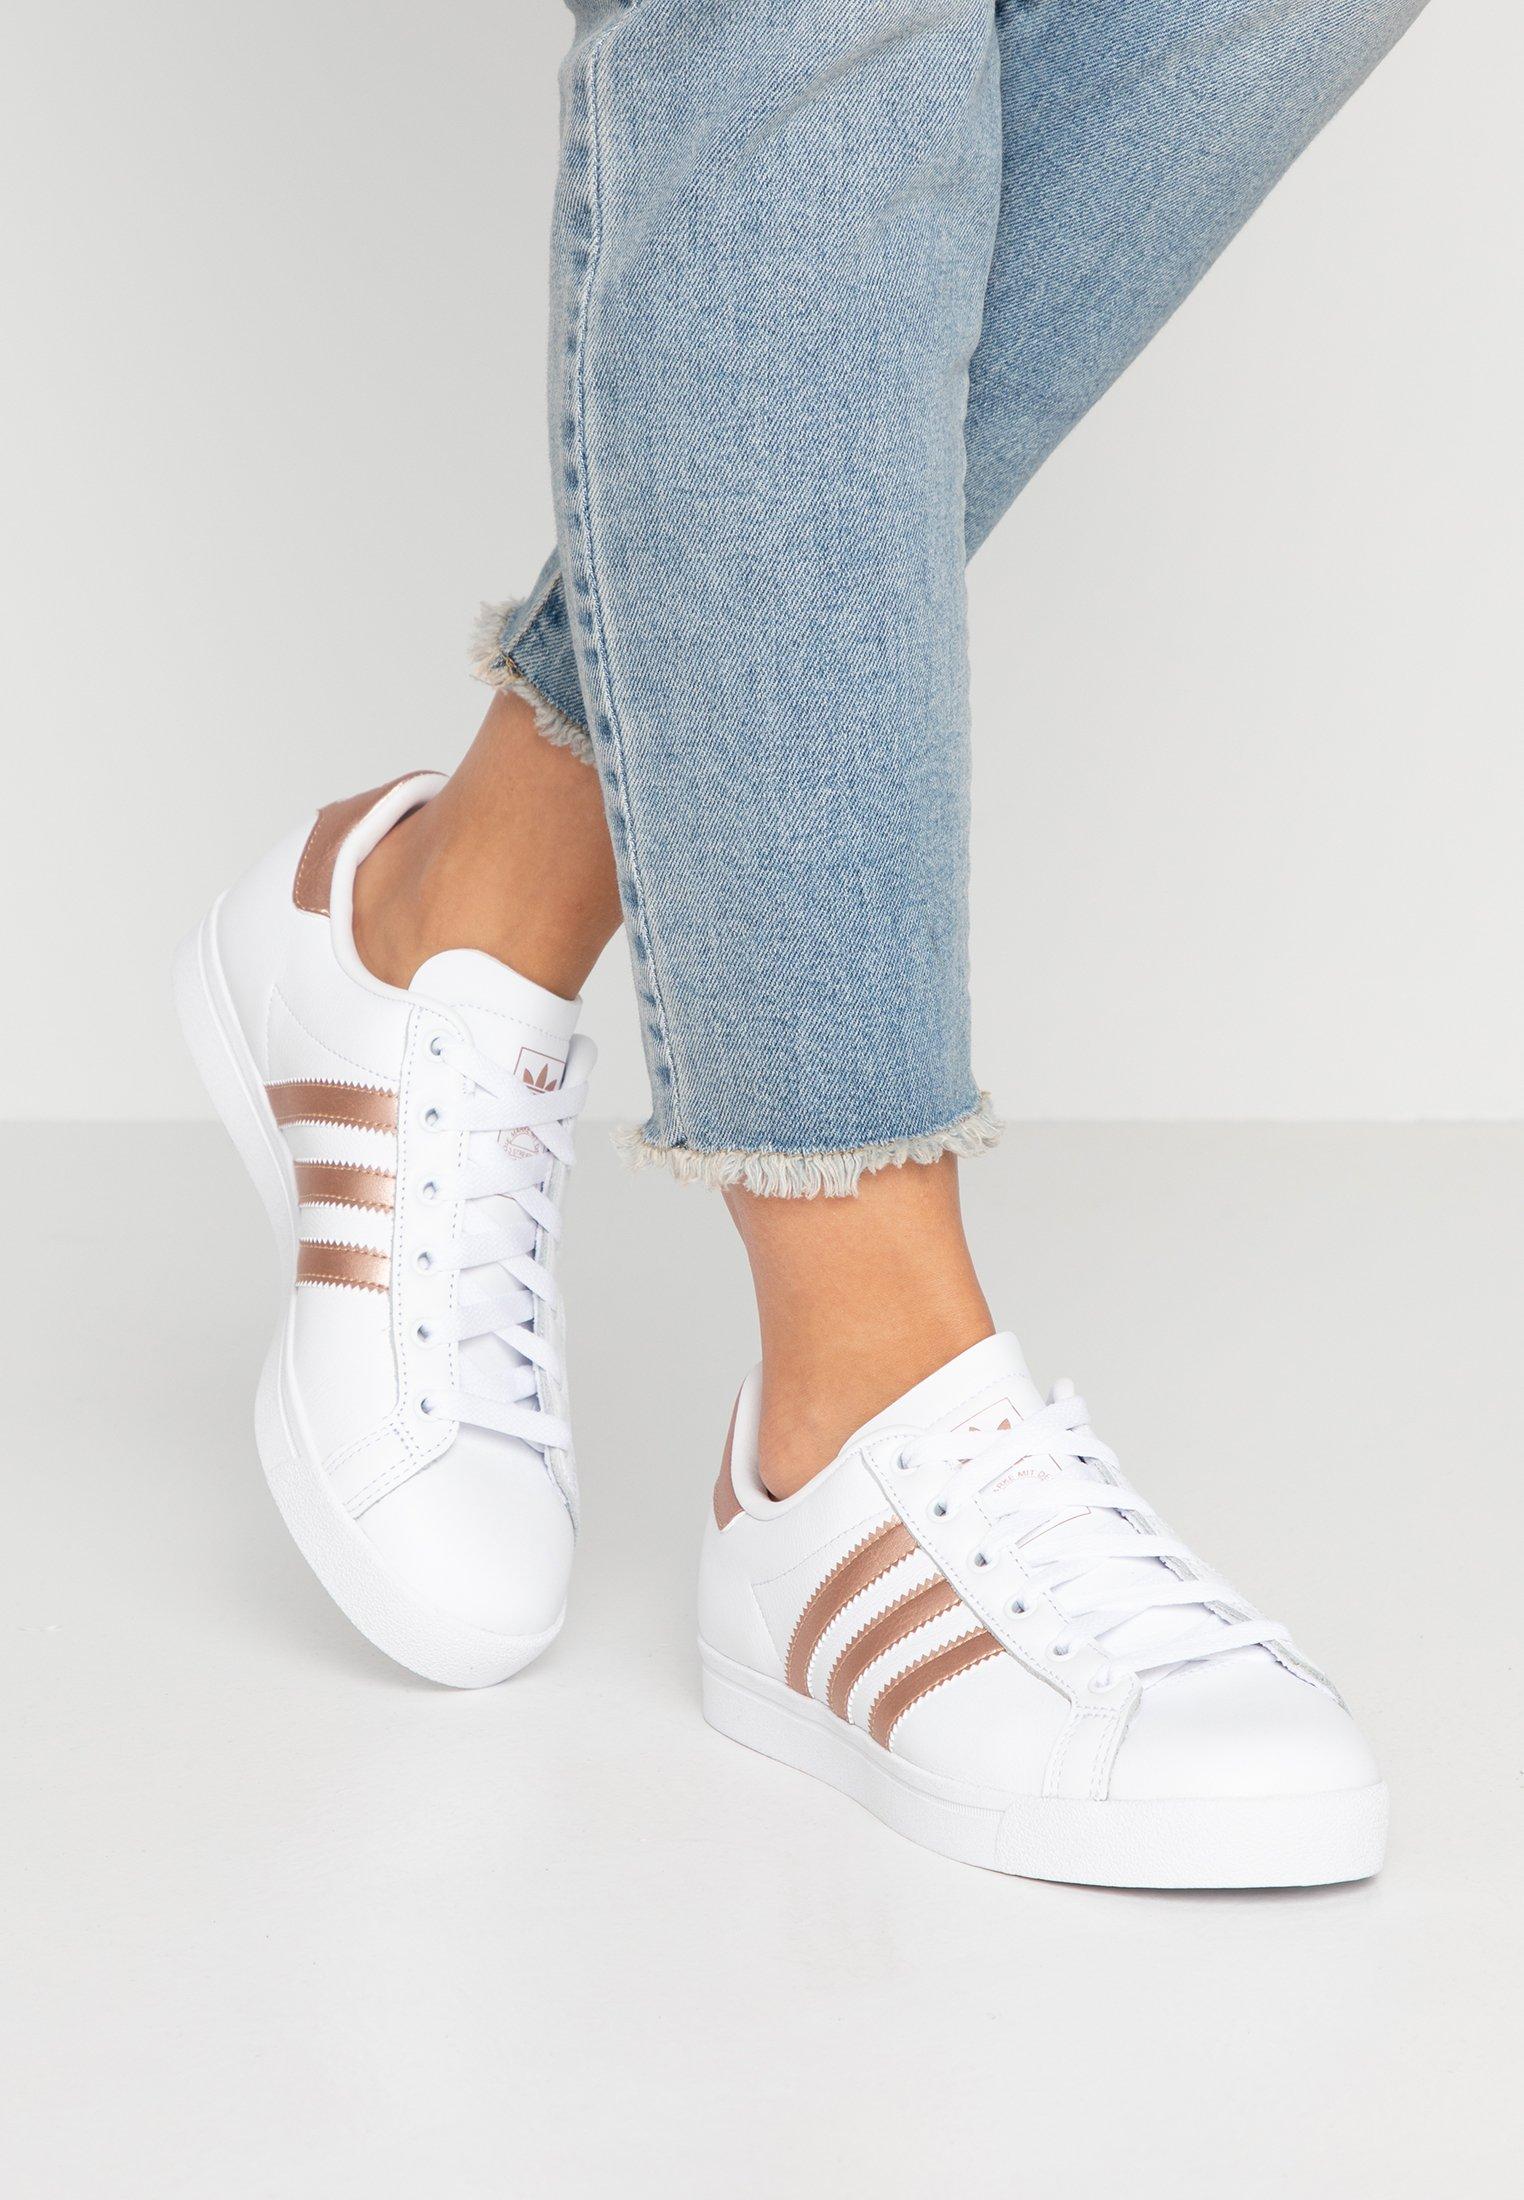 Carne de cordero Colector tapa  adidas Originals COAST STAR - Trainers - footwear white/copper  metallic/core black/white - Zalando.co.uk